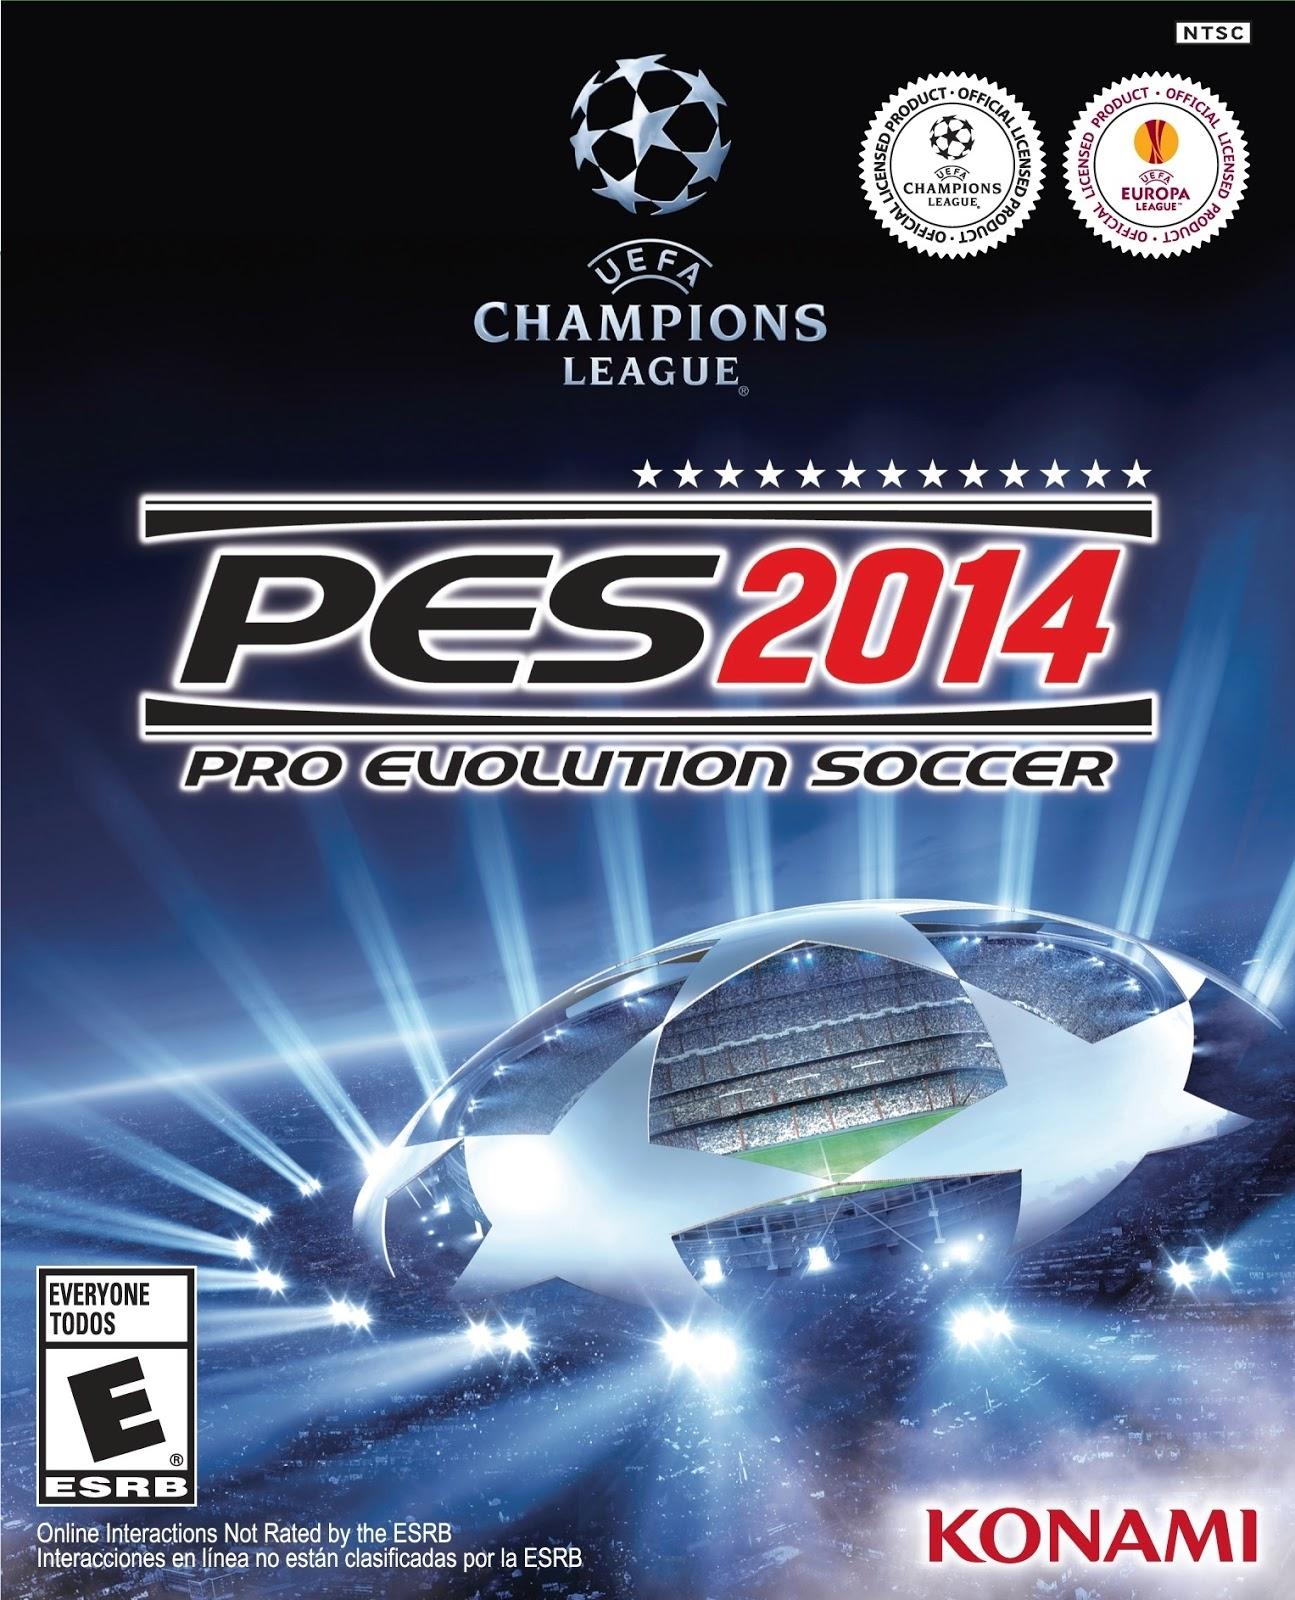 تحميل لعبة بيس 2014 علئ البلايستيشن 2 Download Pro Evolution